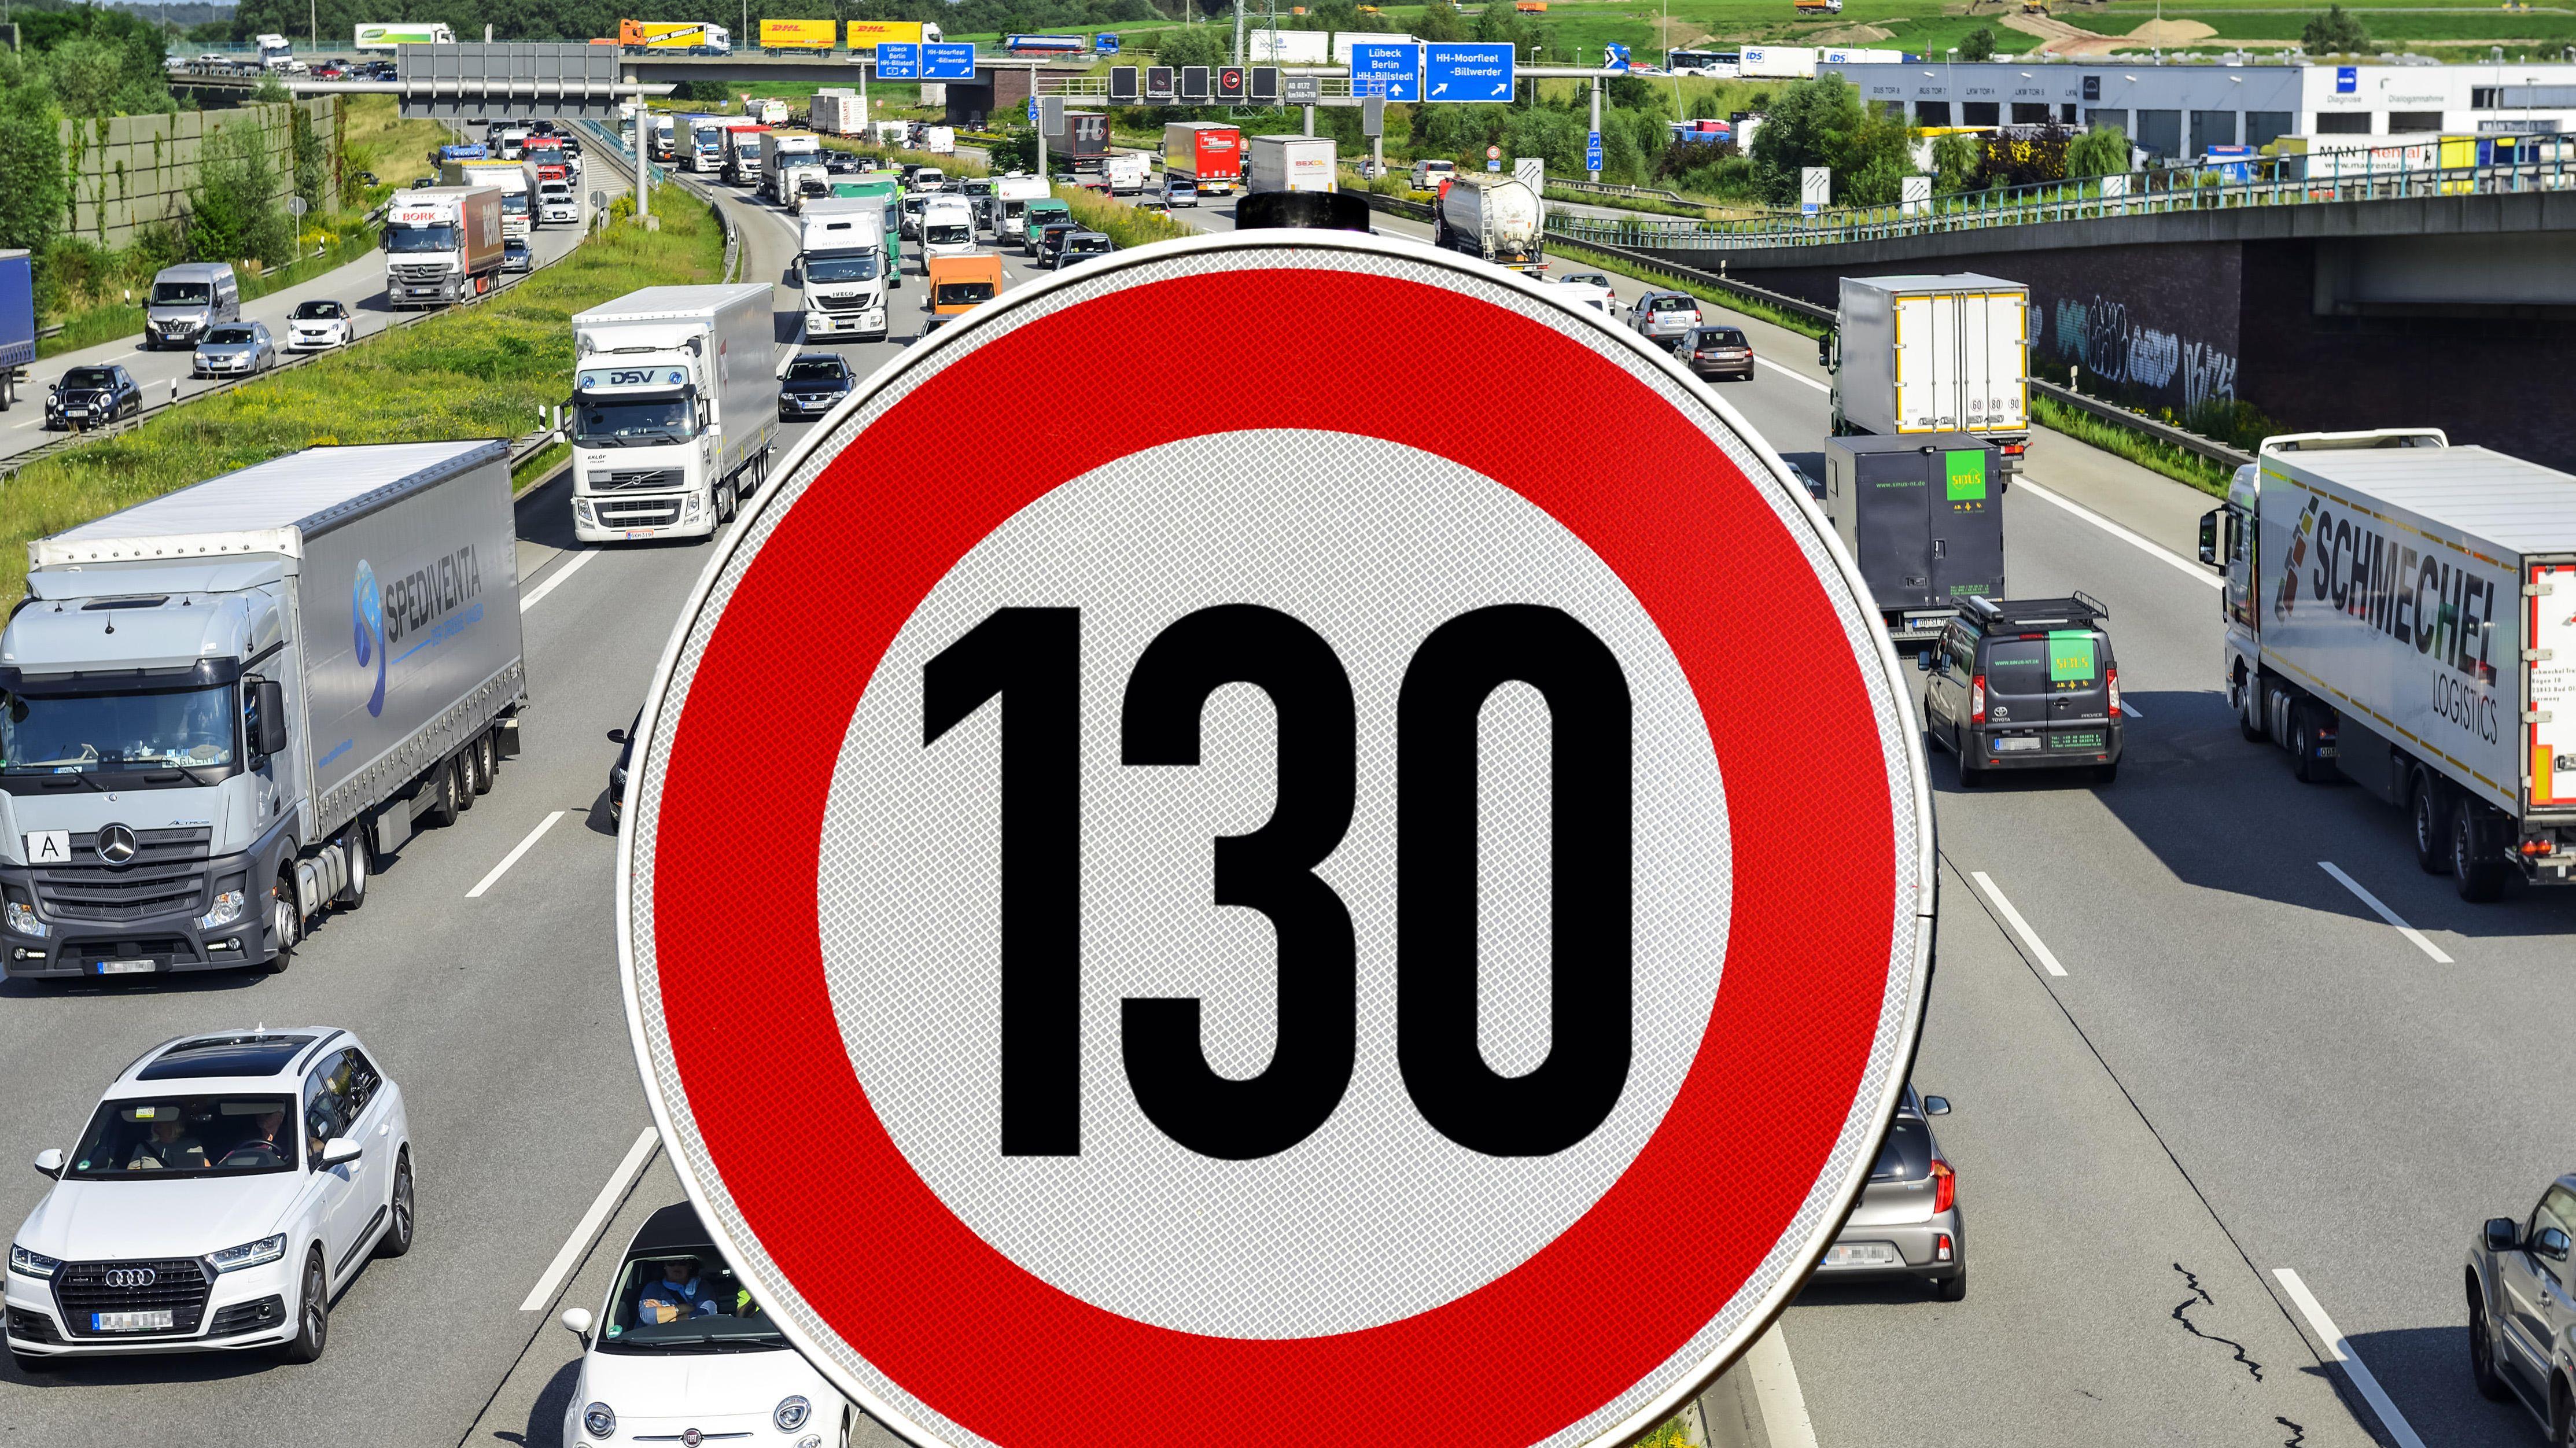 Symbolbild Tempolimit Autobahn mit Schild Höchstgeschwindigkeit 130 km/h